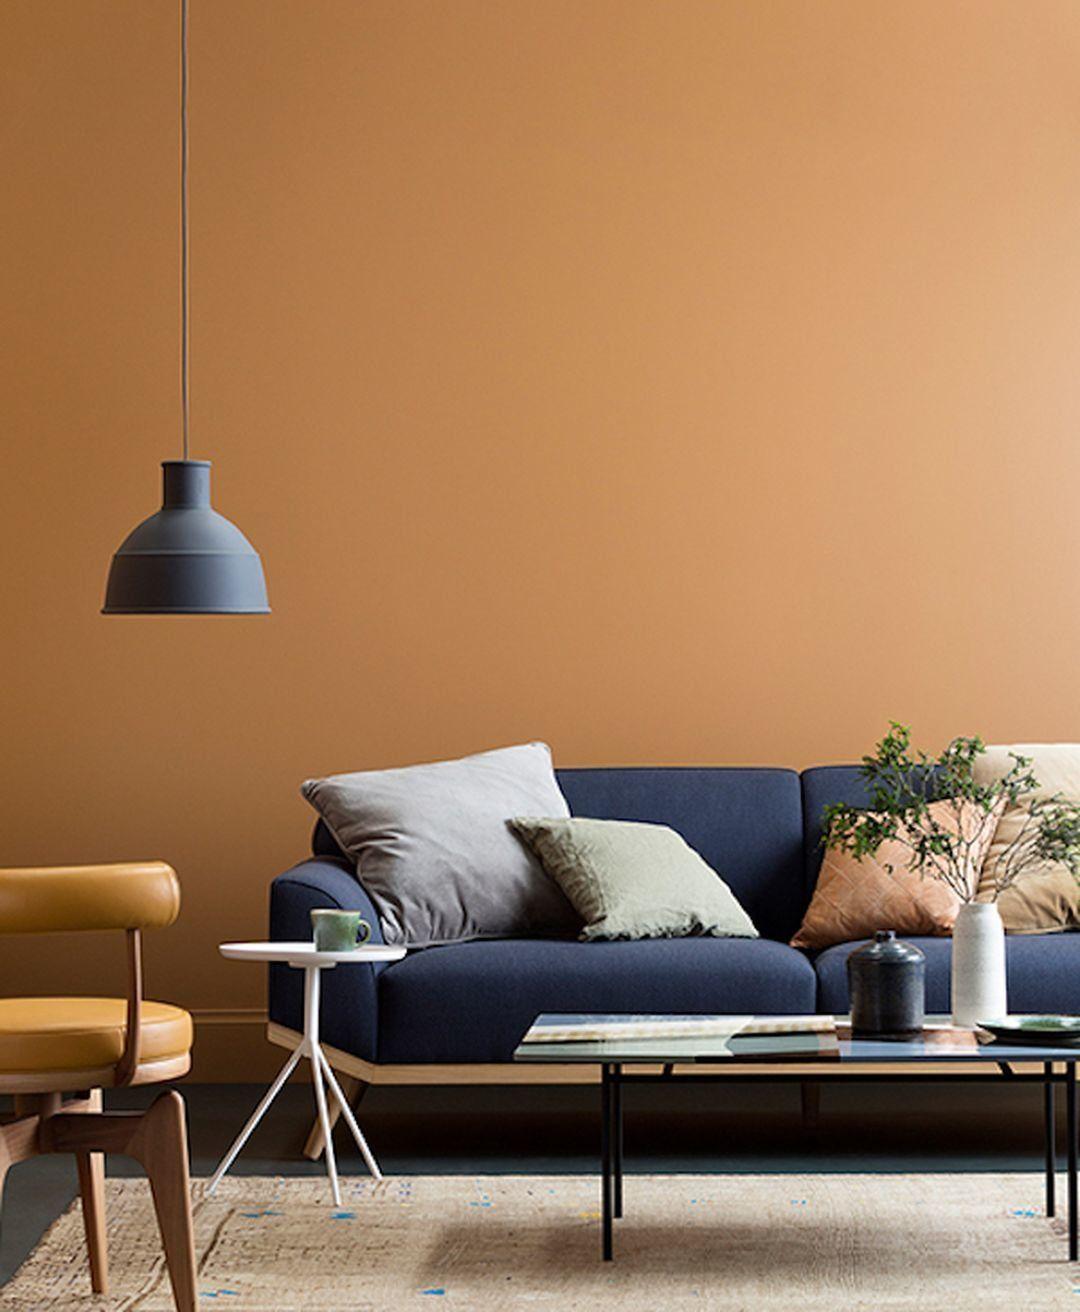 couleur mur salon deco maison interieur